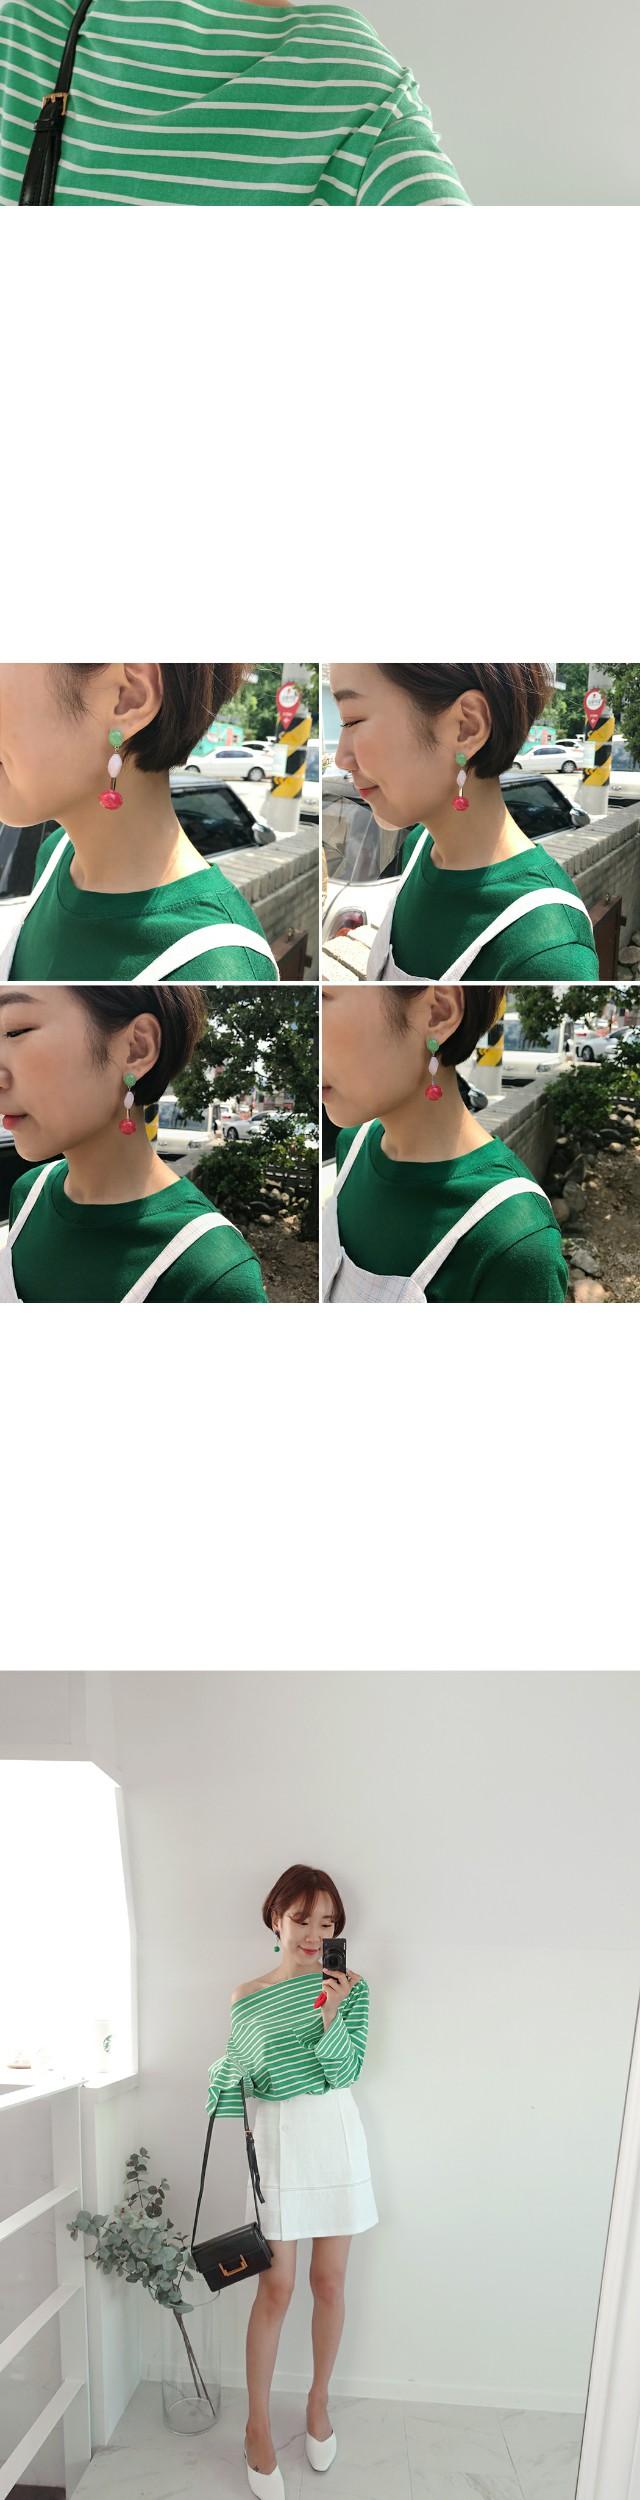 Zem No.142 (earring)